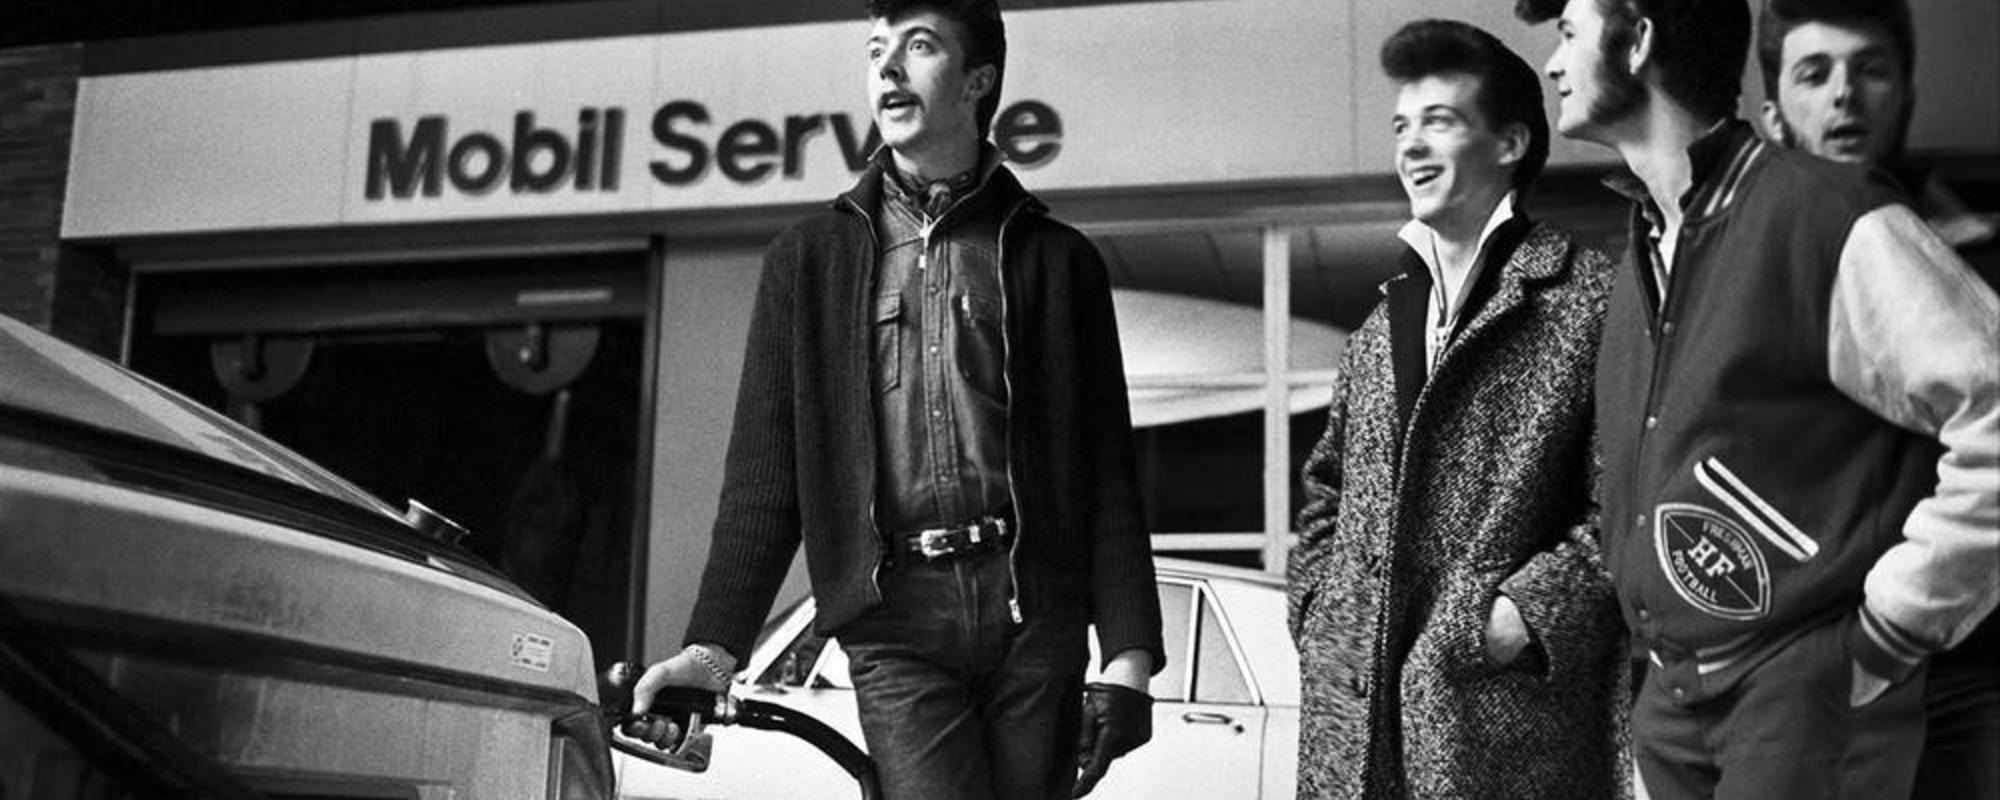 Fotografii cu moda rockabilly din Franța anilor '80